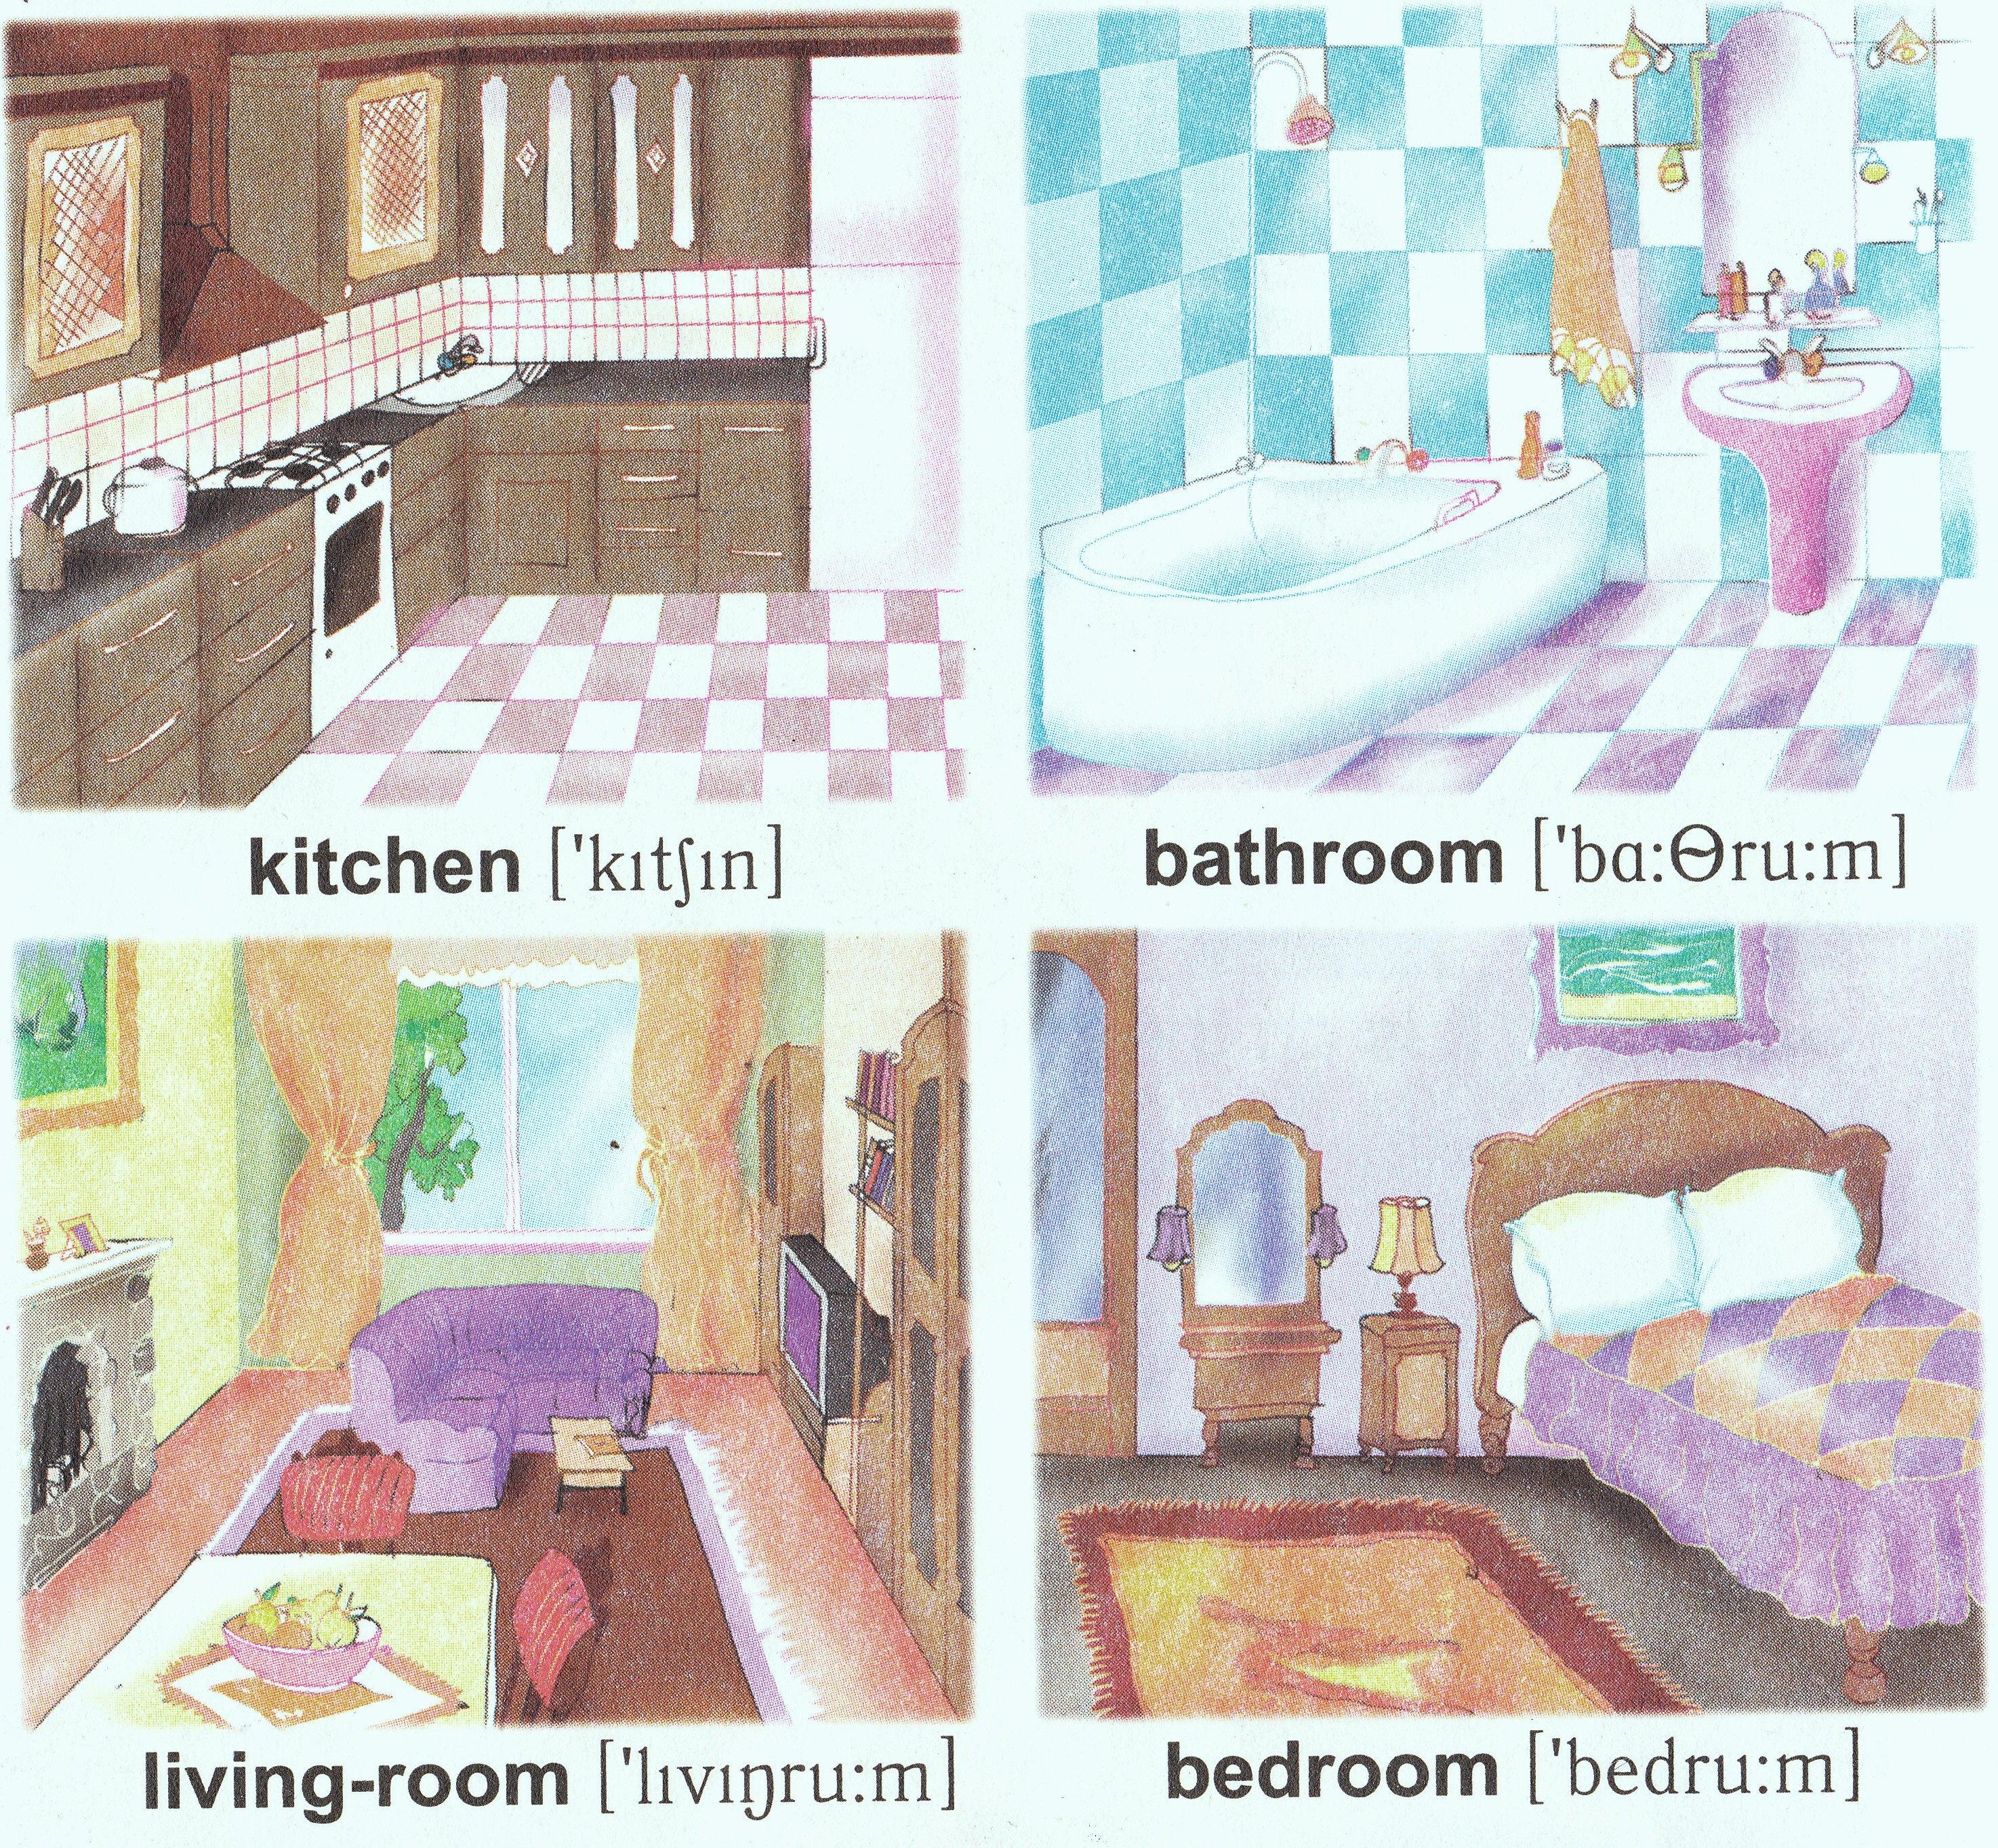 Описание дома с картинкой на английском